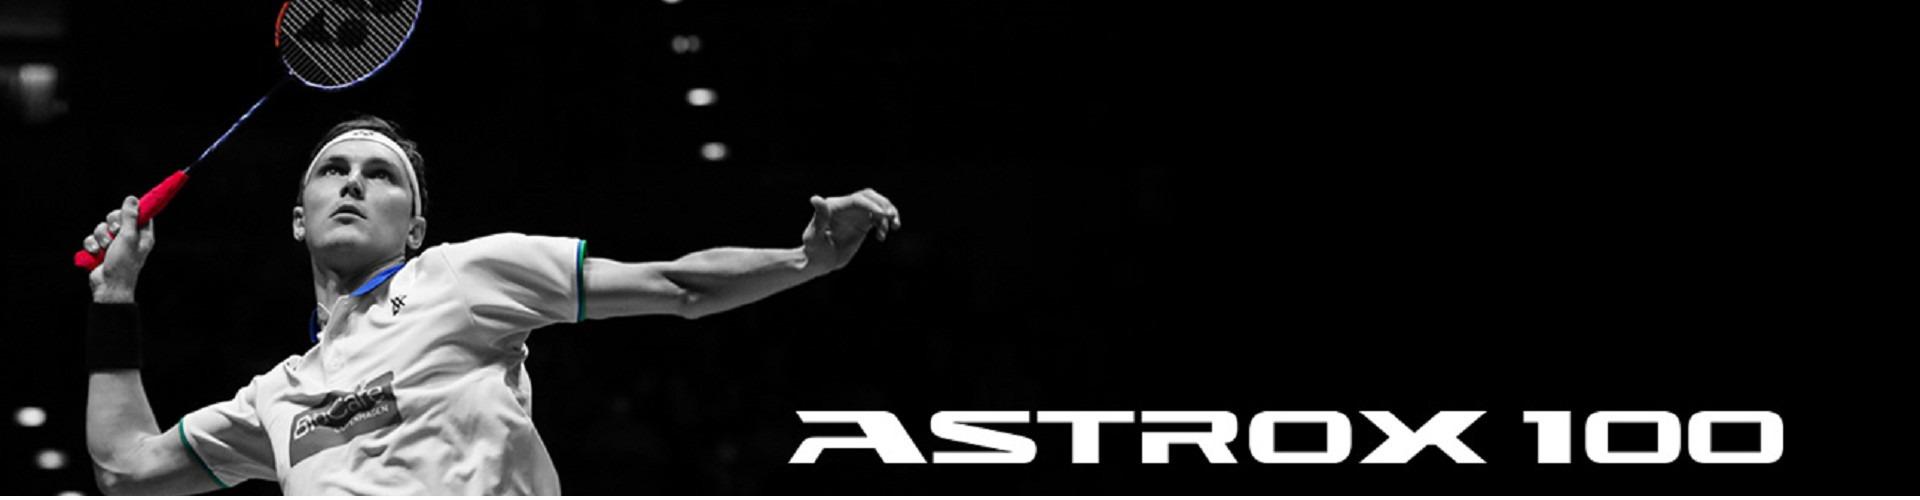 Yonex Astrox 100 Badminton Rackets